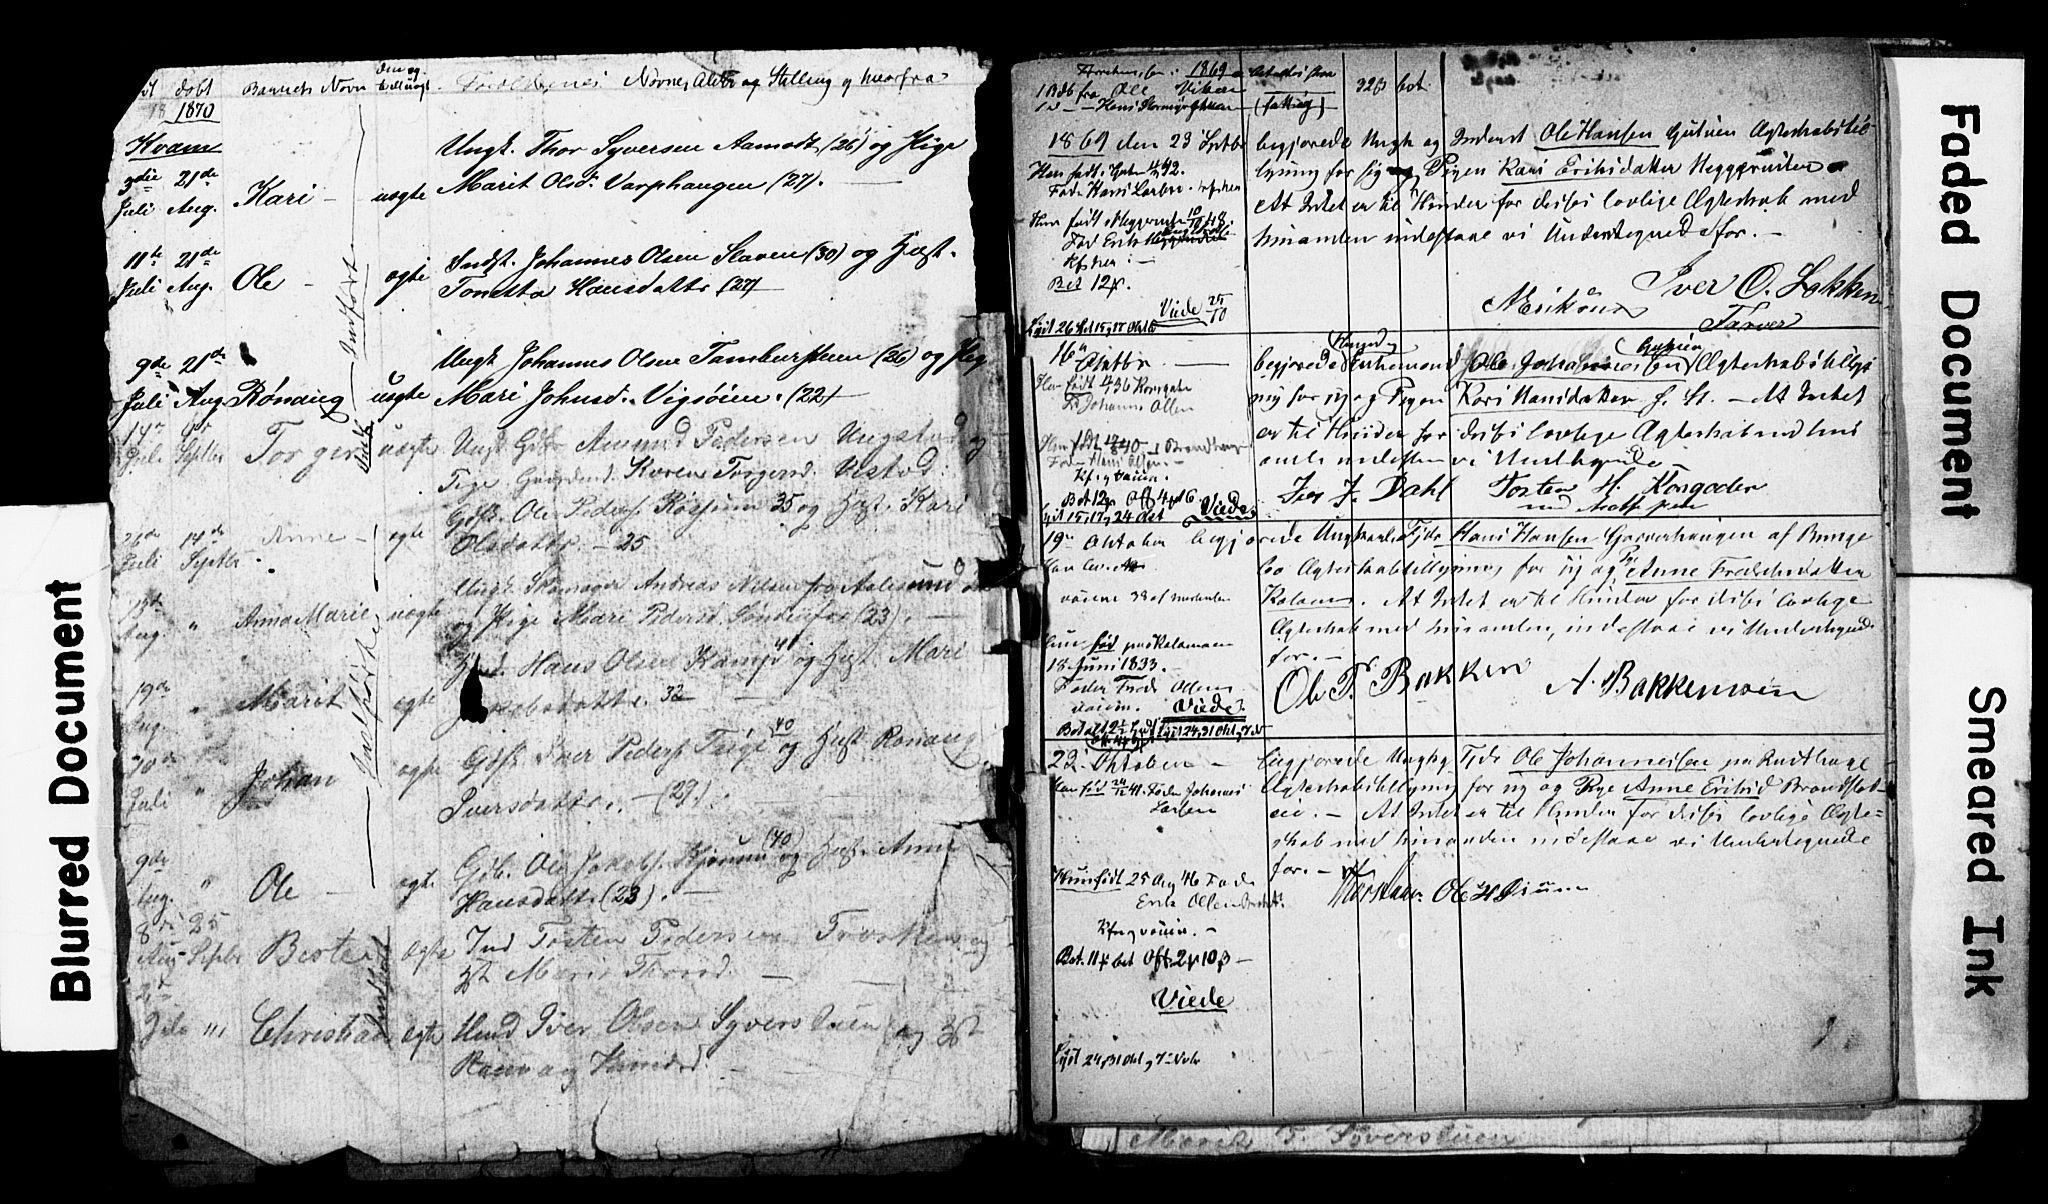 SAH, Nord-Fron prestekontor, Parish register draft no. -, 1865-1872